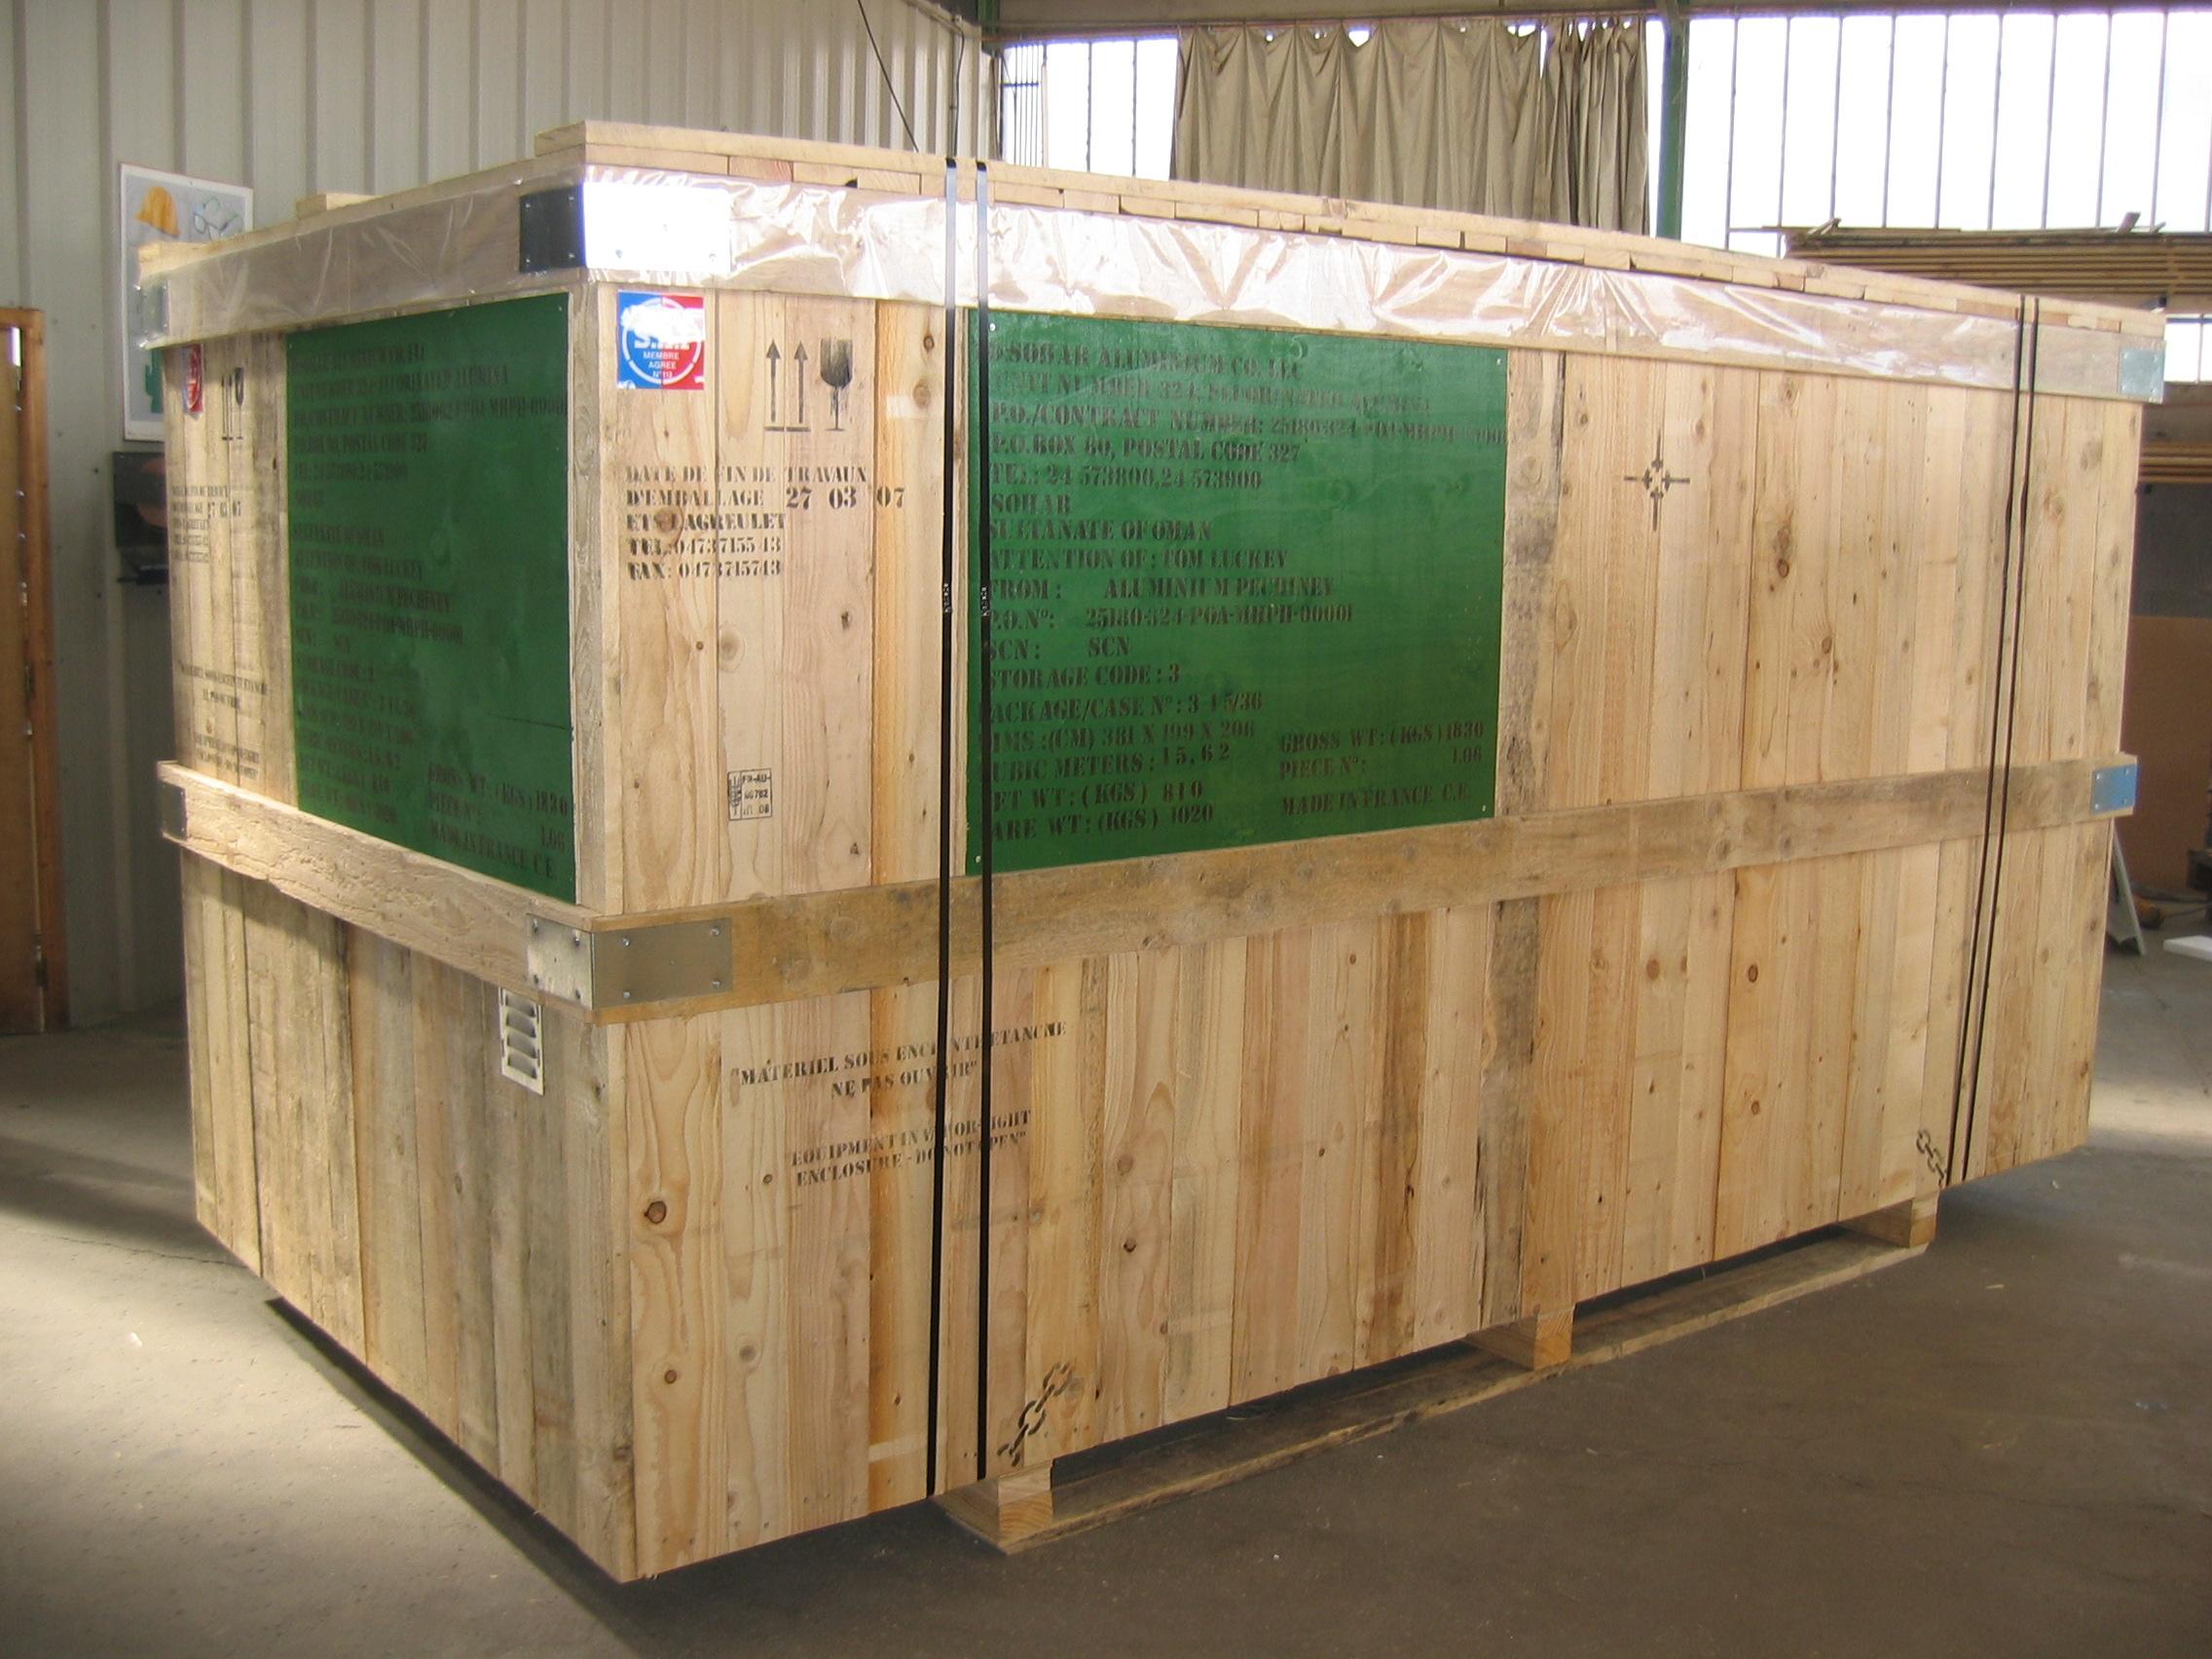 Préparation d'emballage catégorie 4C - lagreulet emballage (5)